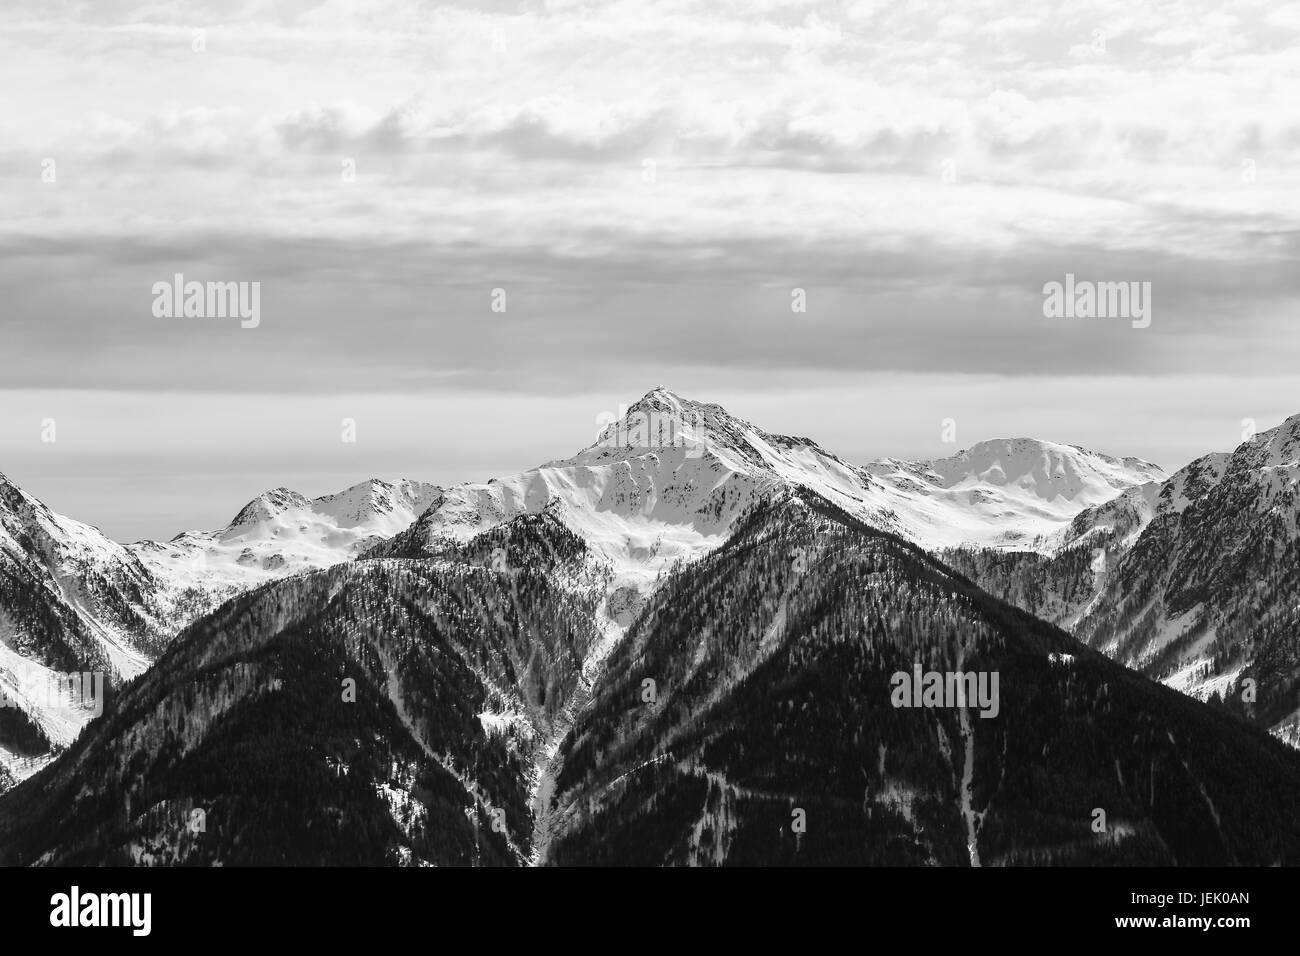 Klettersteig Ilmspitze : Ilmspitze stockfotos bilder alamy